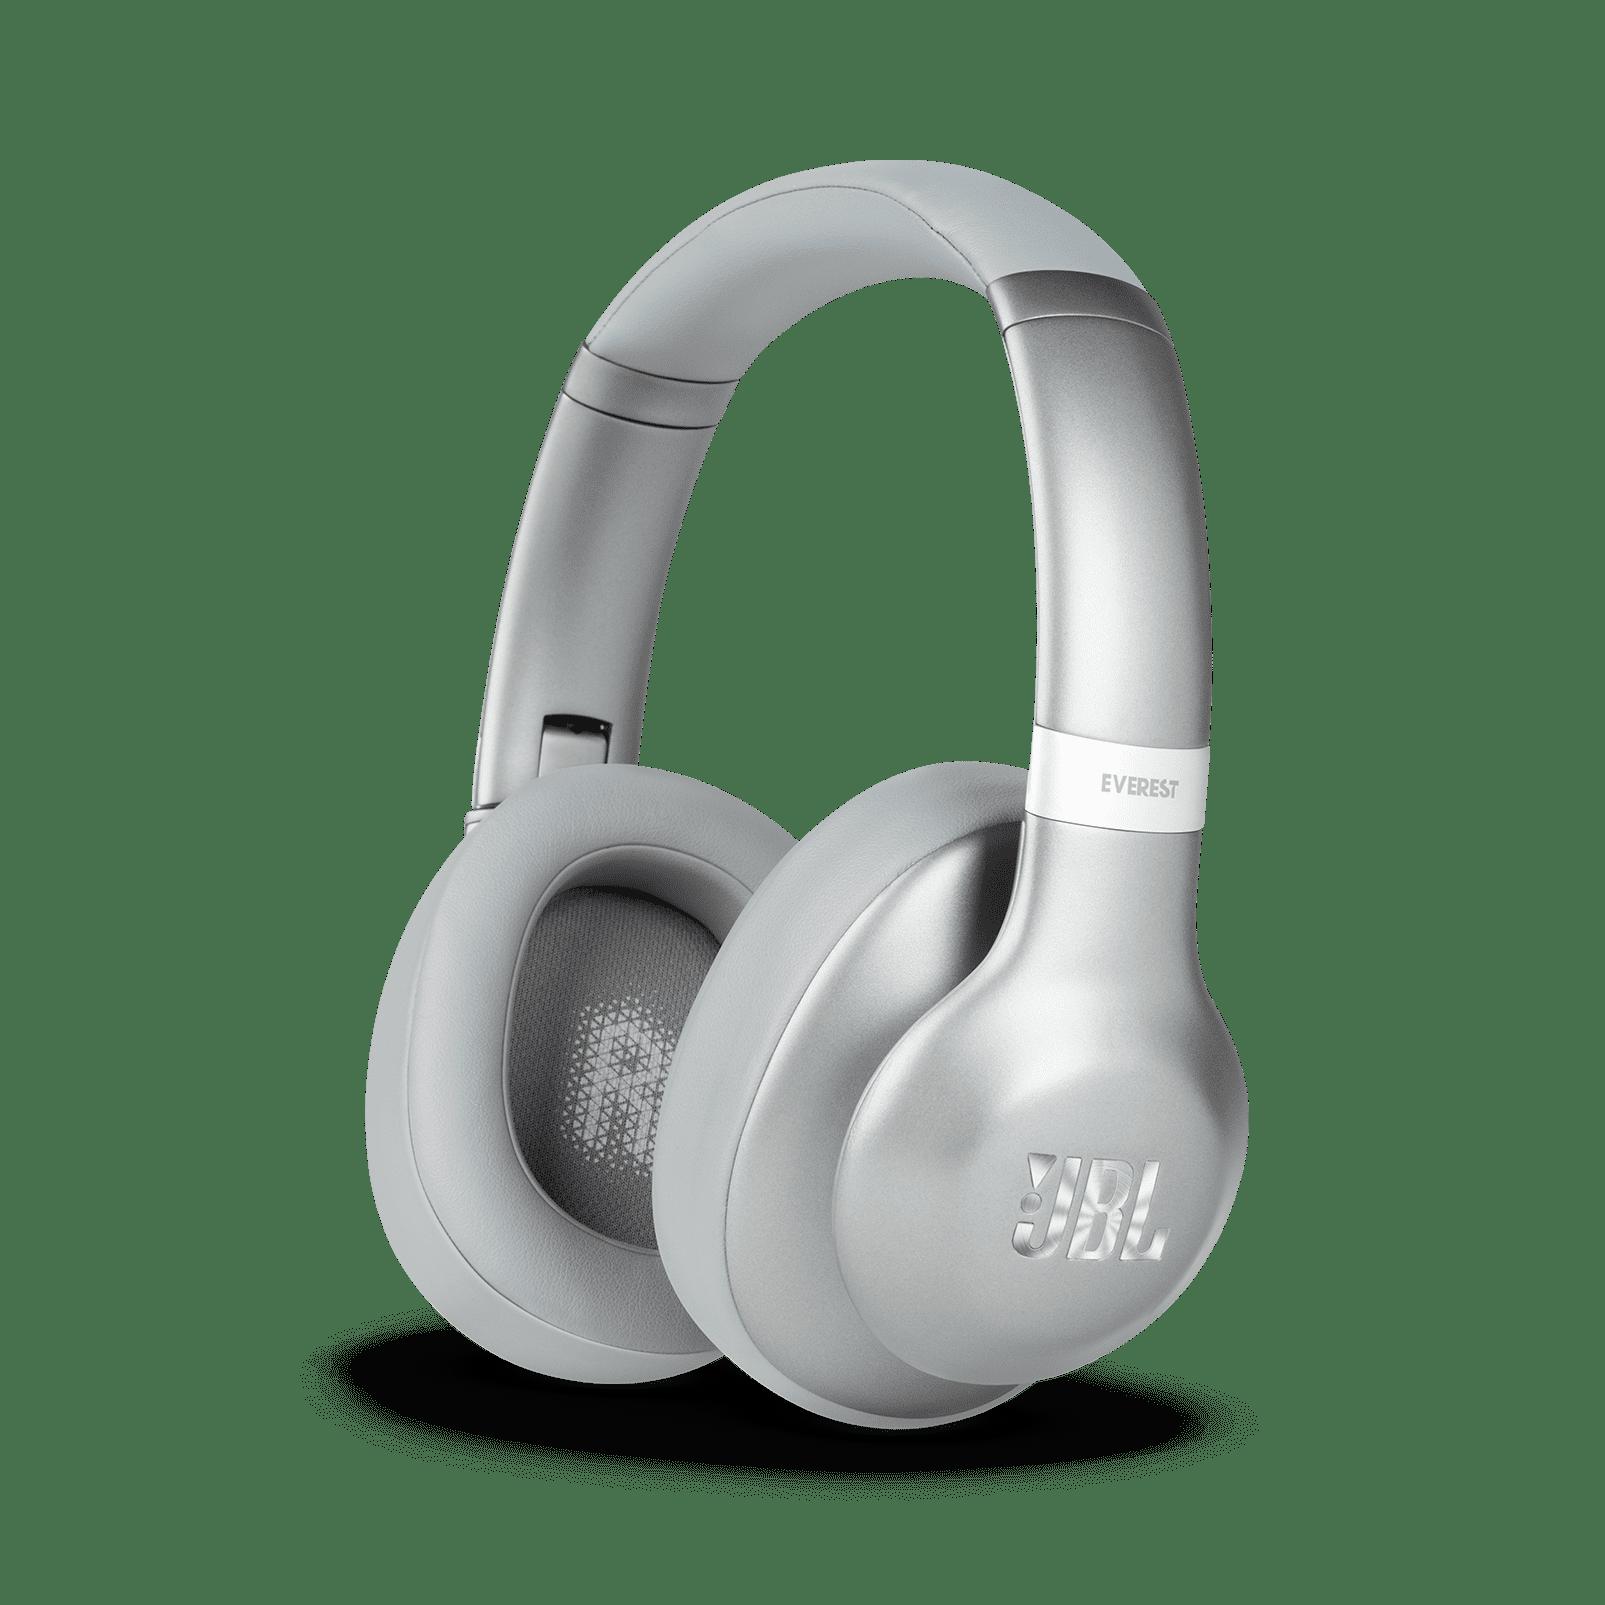 JBL V710BTSIL Everest 710 Wireless On-Ear Headphones (Silver)